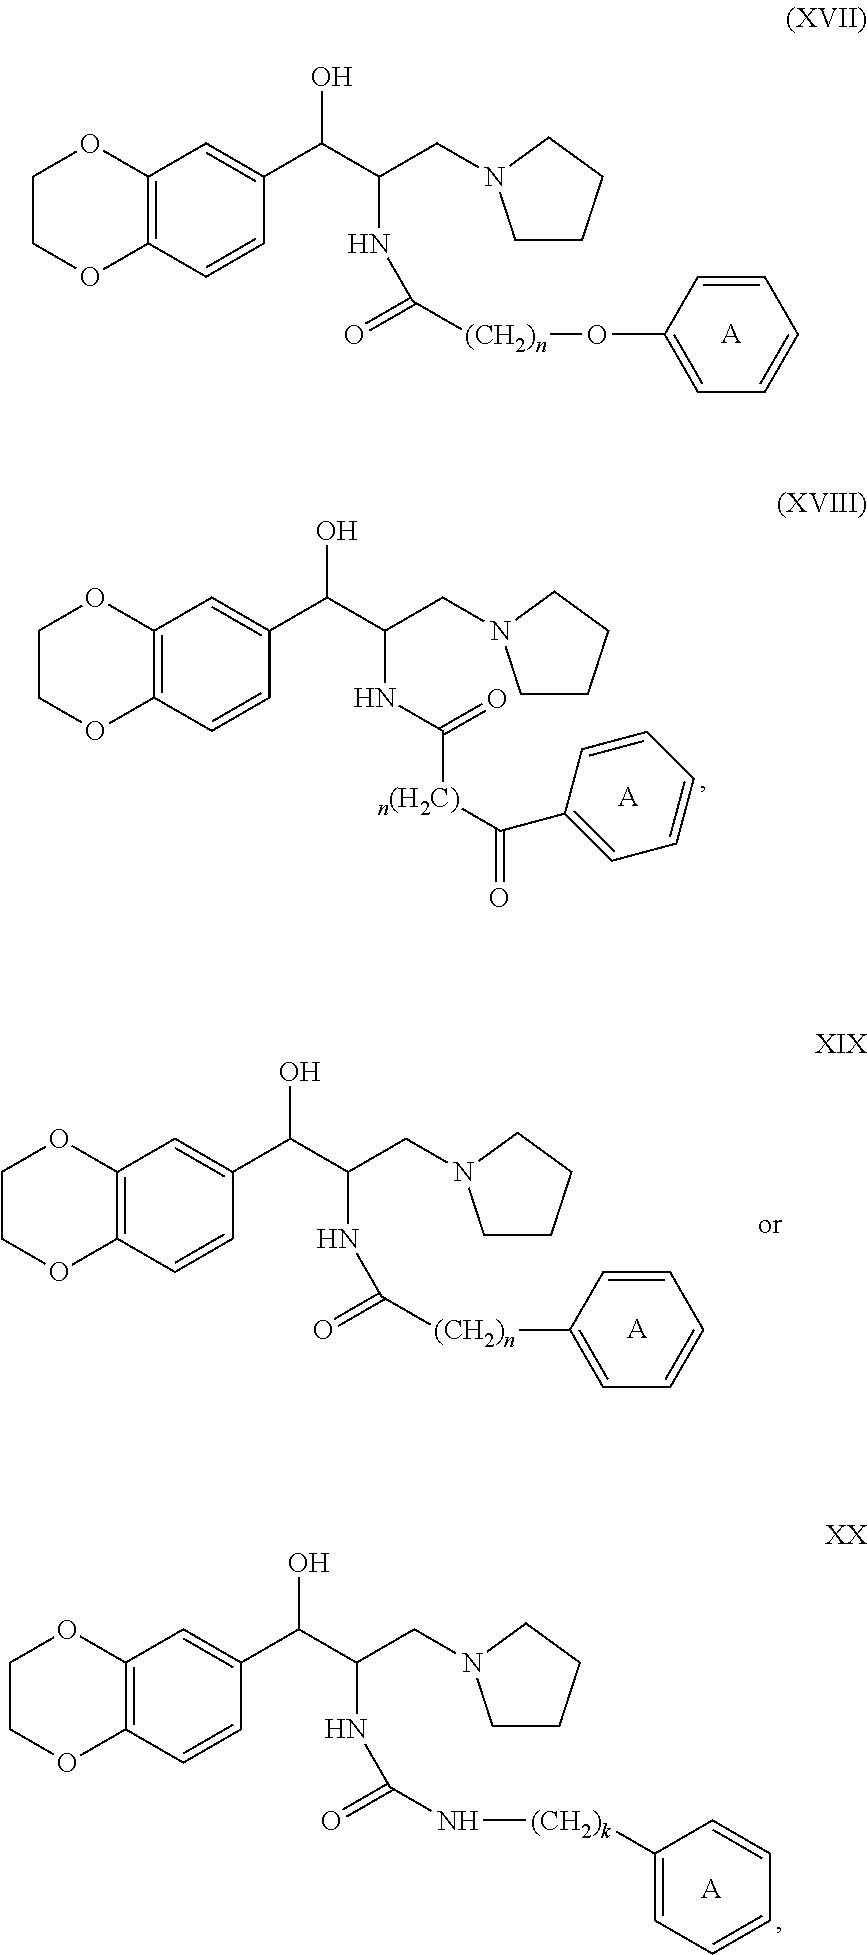 Figure US09272996-20160301-C00031